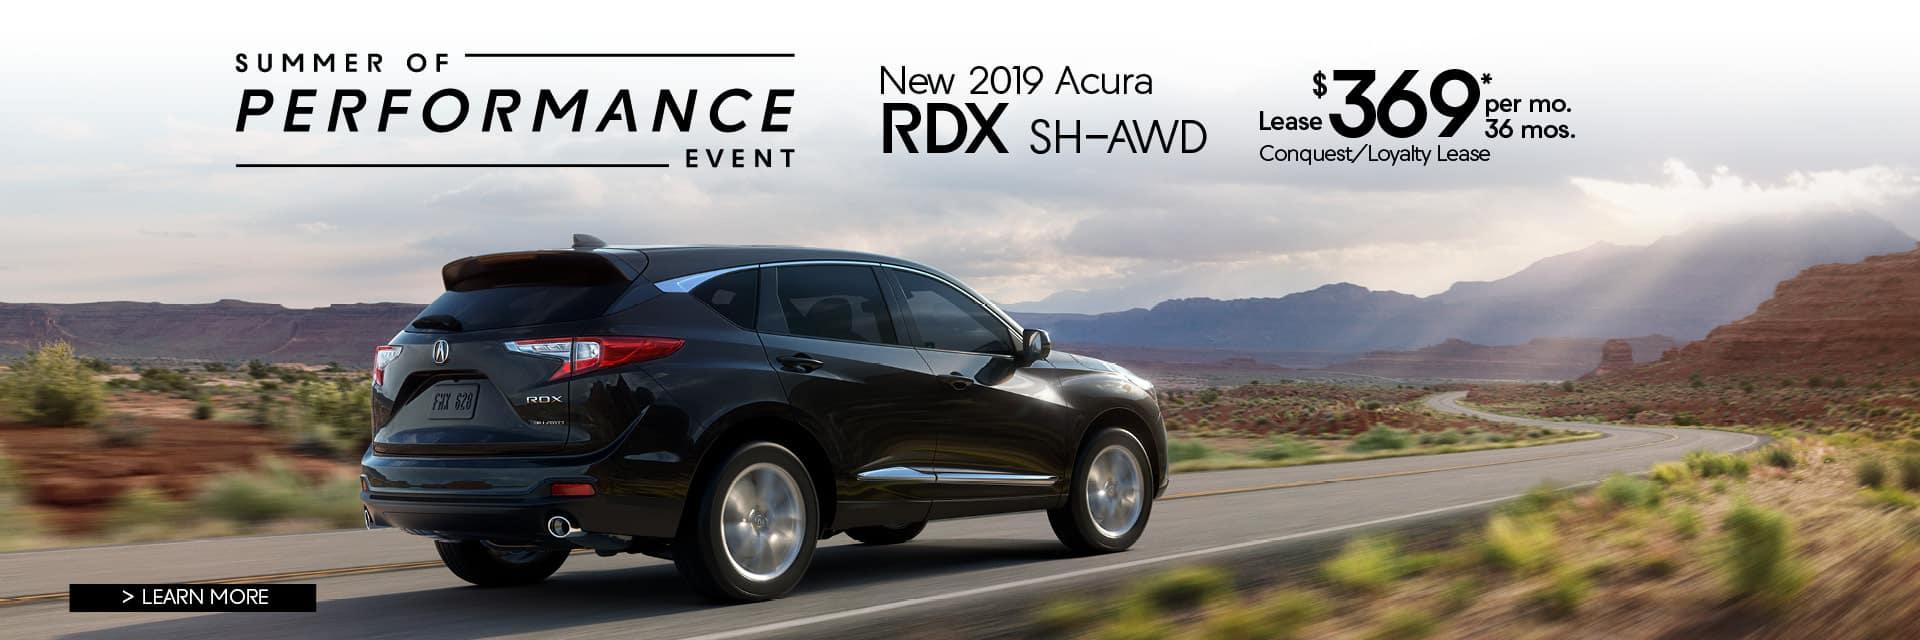 Acura Dealer Ny >> Rallye Acura Acura And Used Car Dealer In Roslyn Ny Near Manhasset